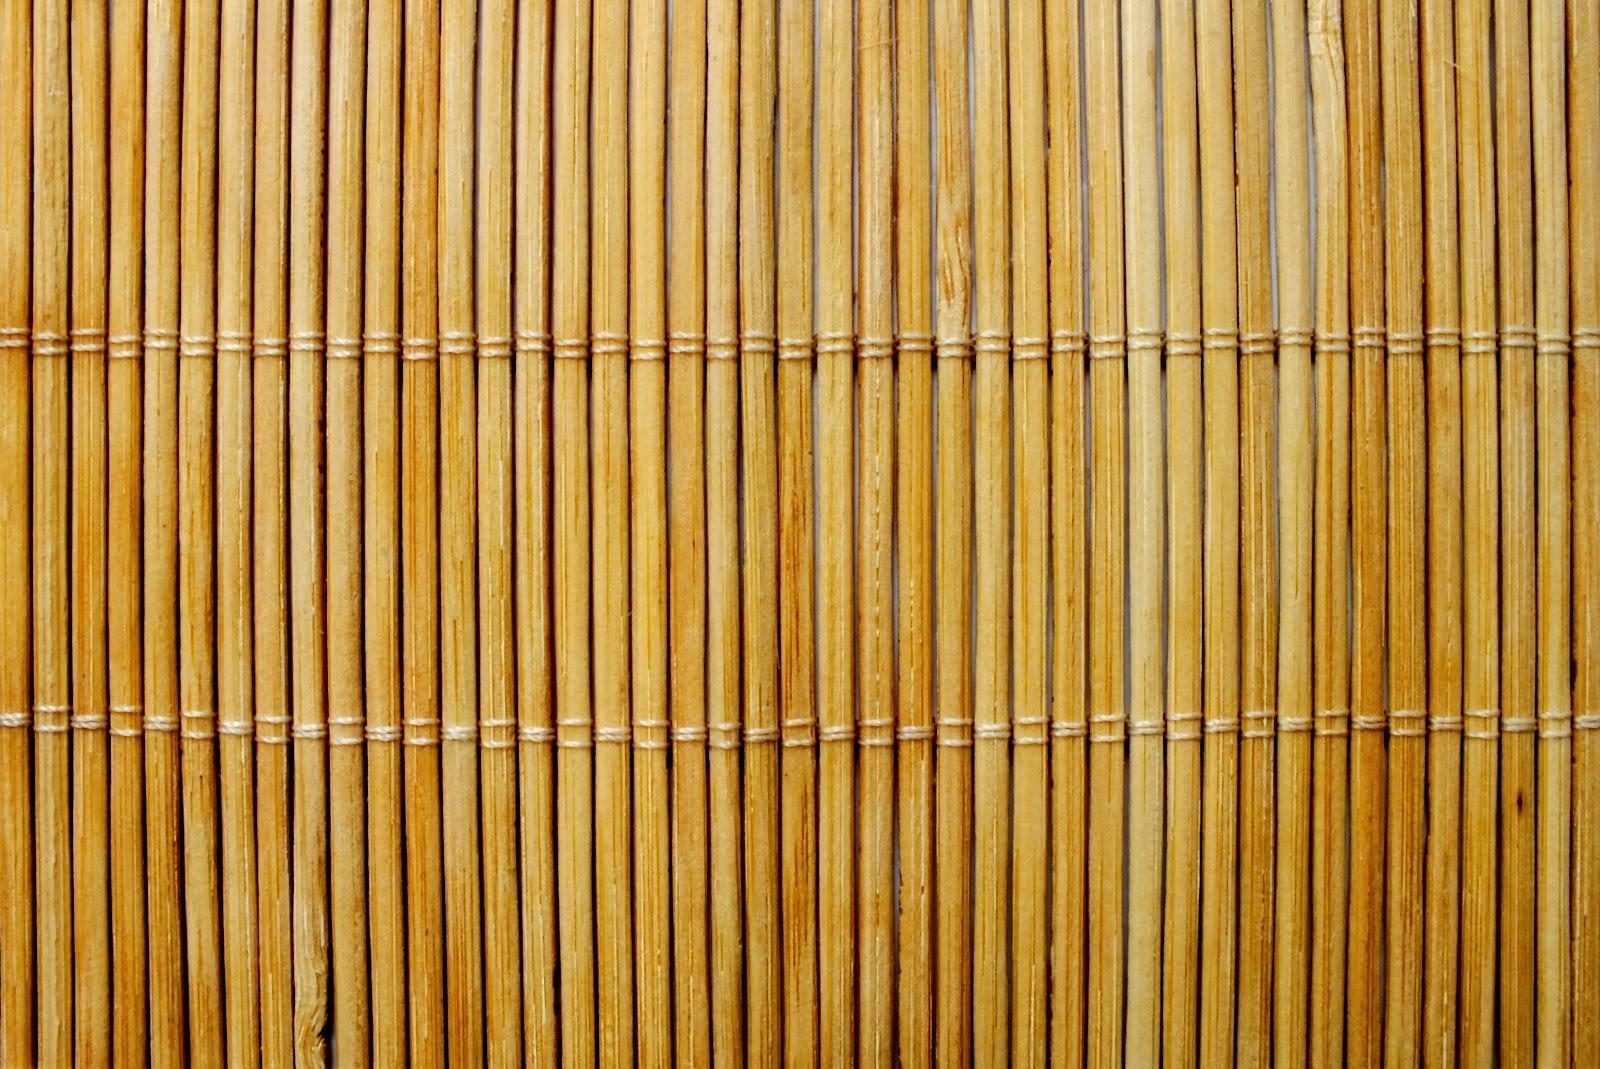 کف بامبو